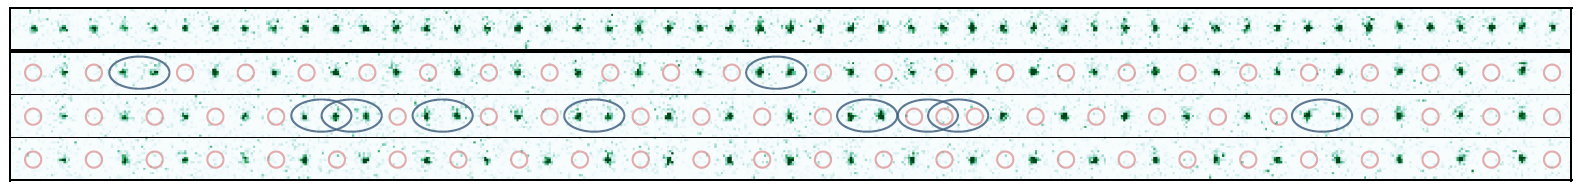 De 51 qubits van de quantumsimulator in MIT